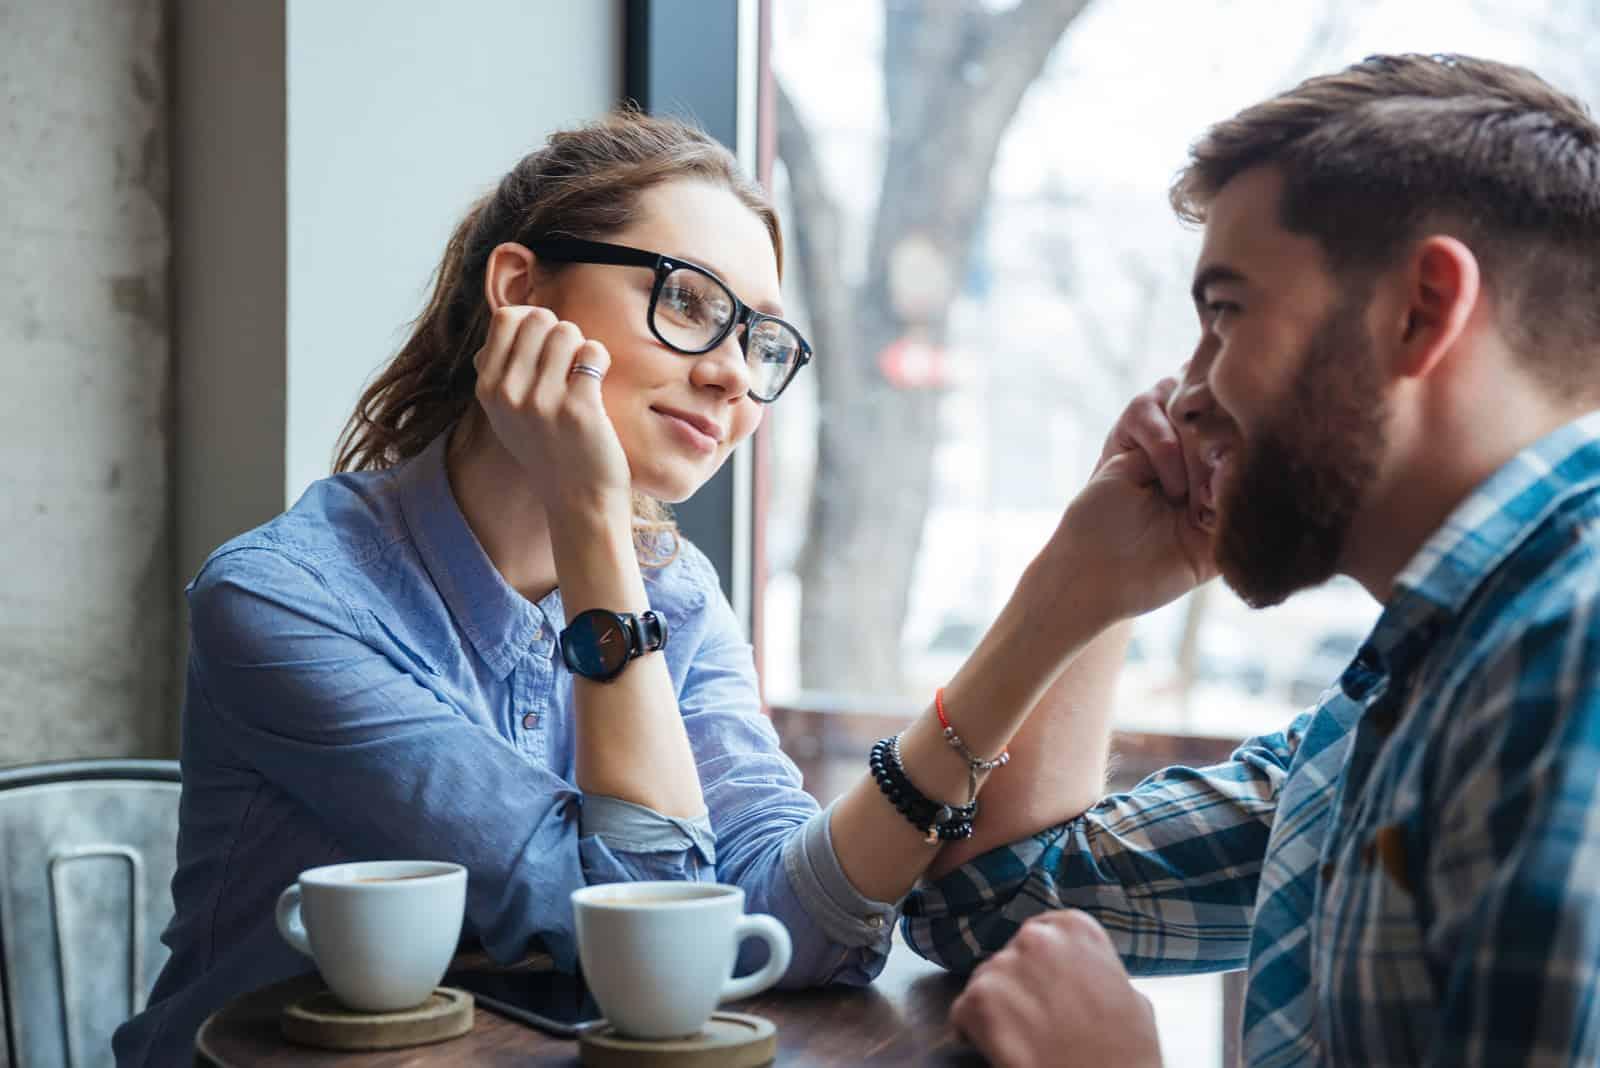 junges schönes Paar an einem Datum, das Kaffee im Café trinkt